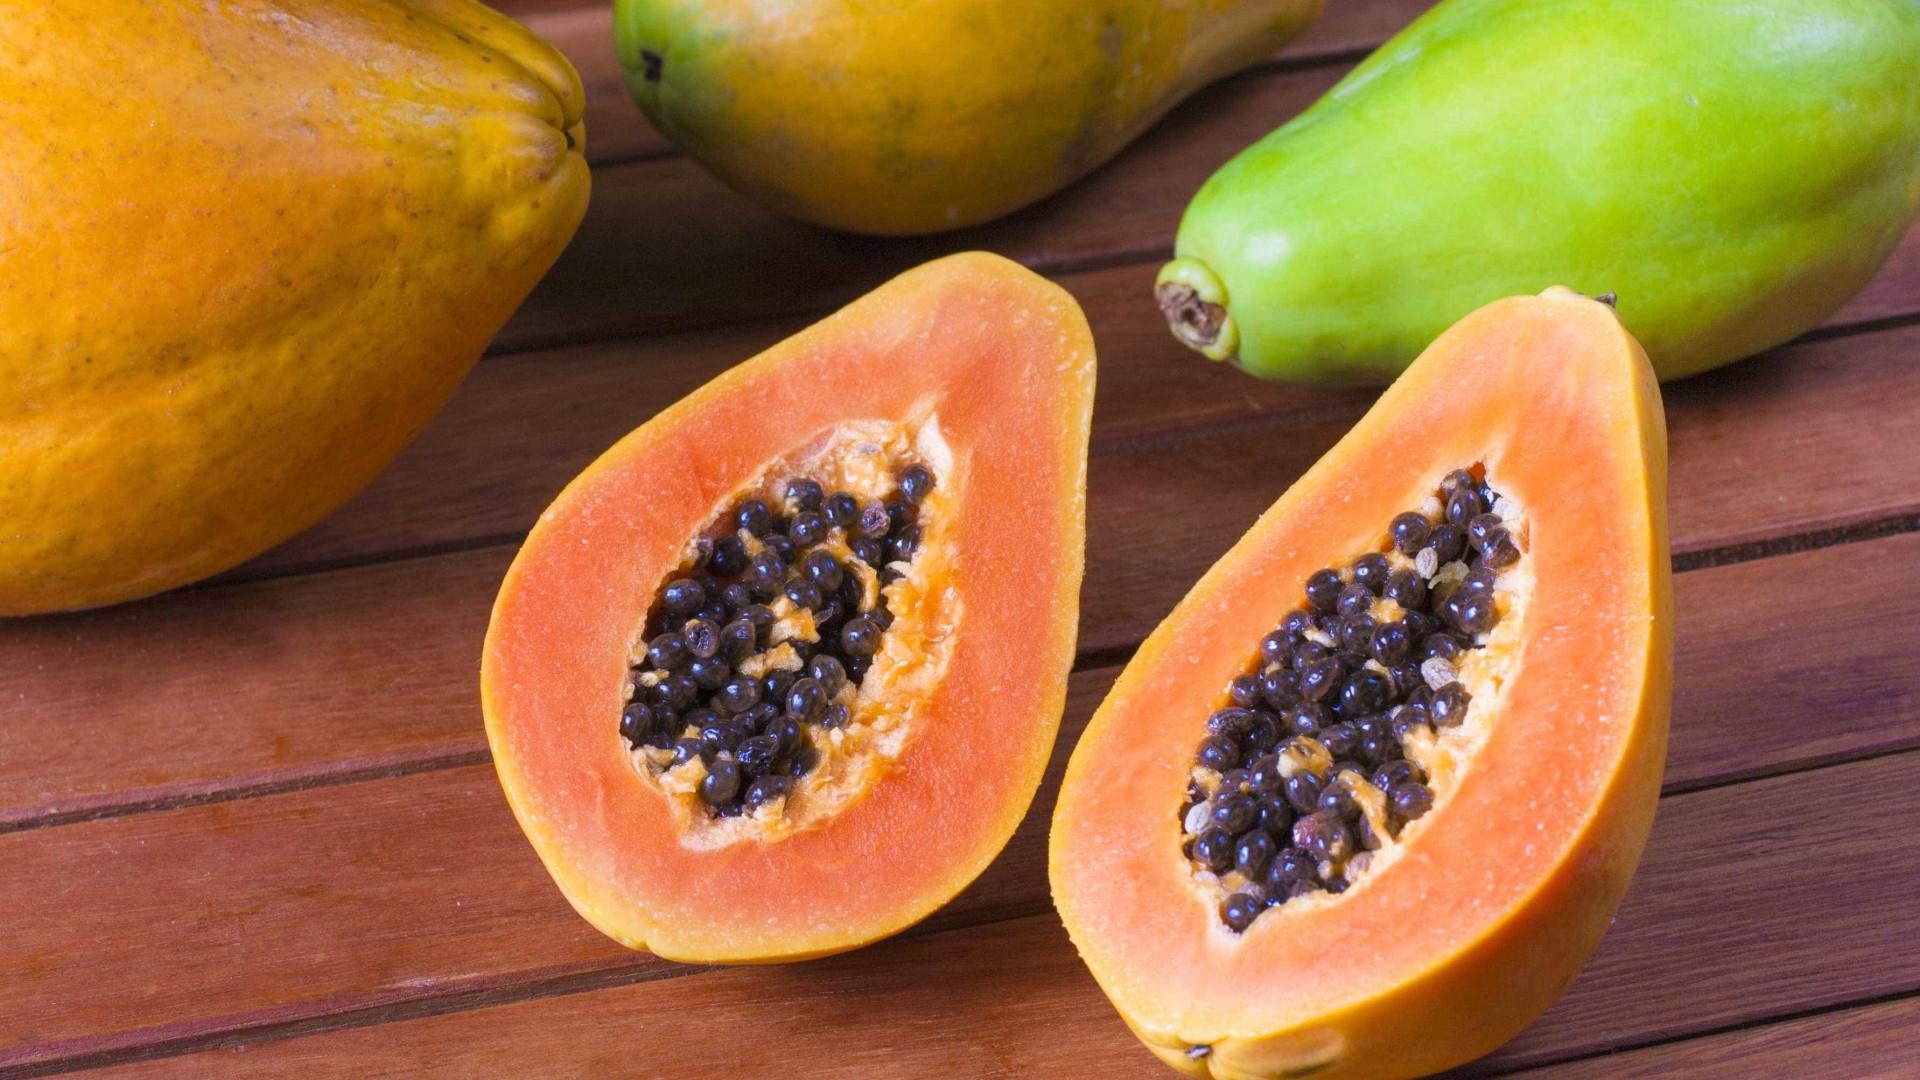 Mamão papaia tem ação anticancerígena, aponta estudo da USP